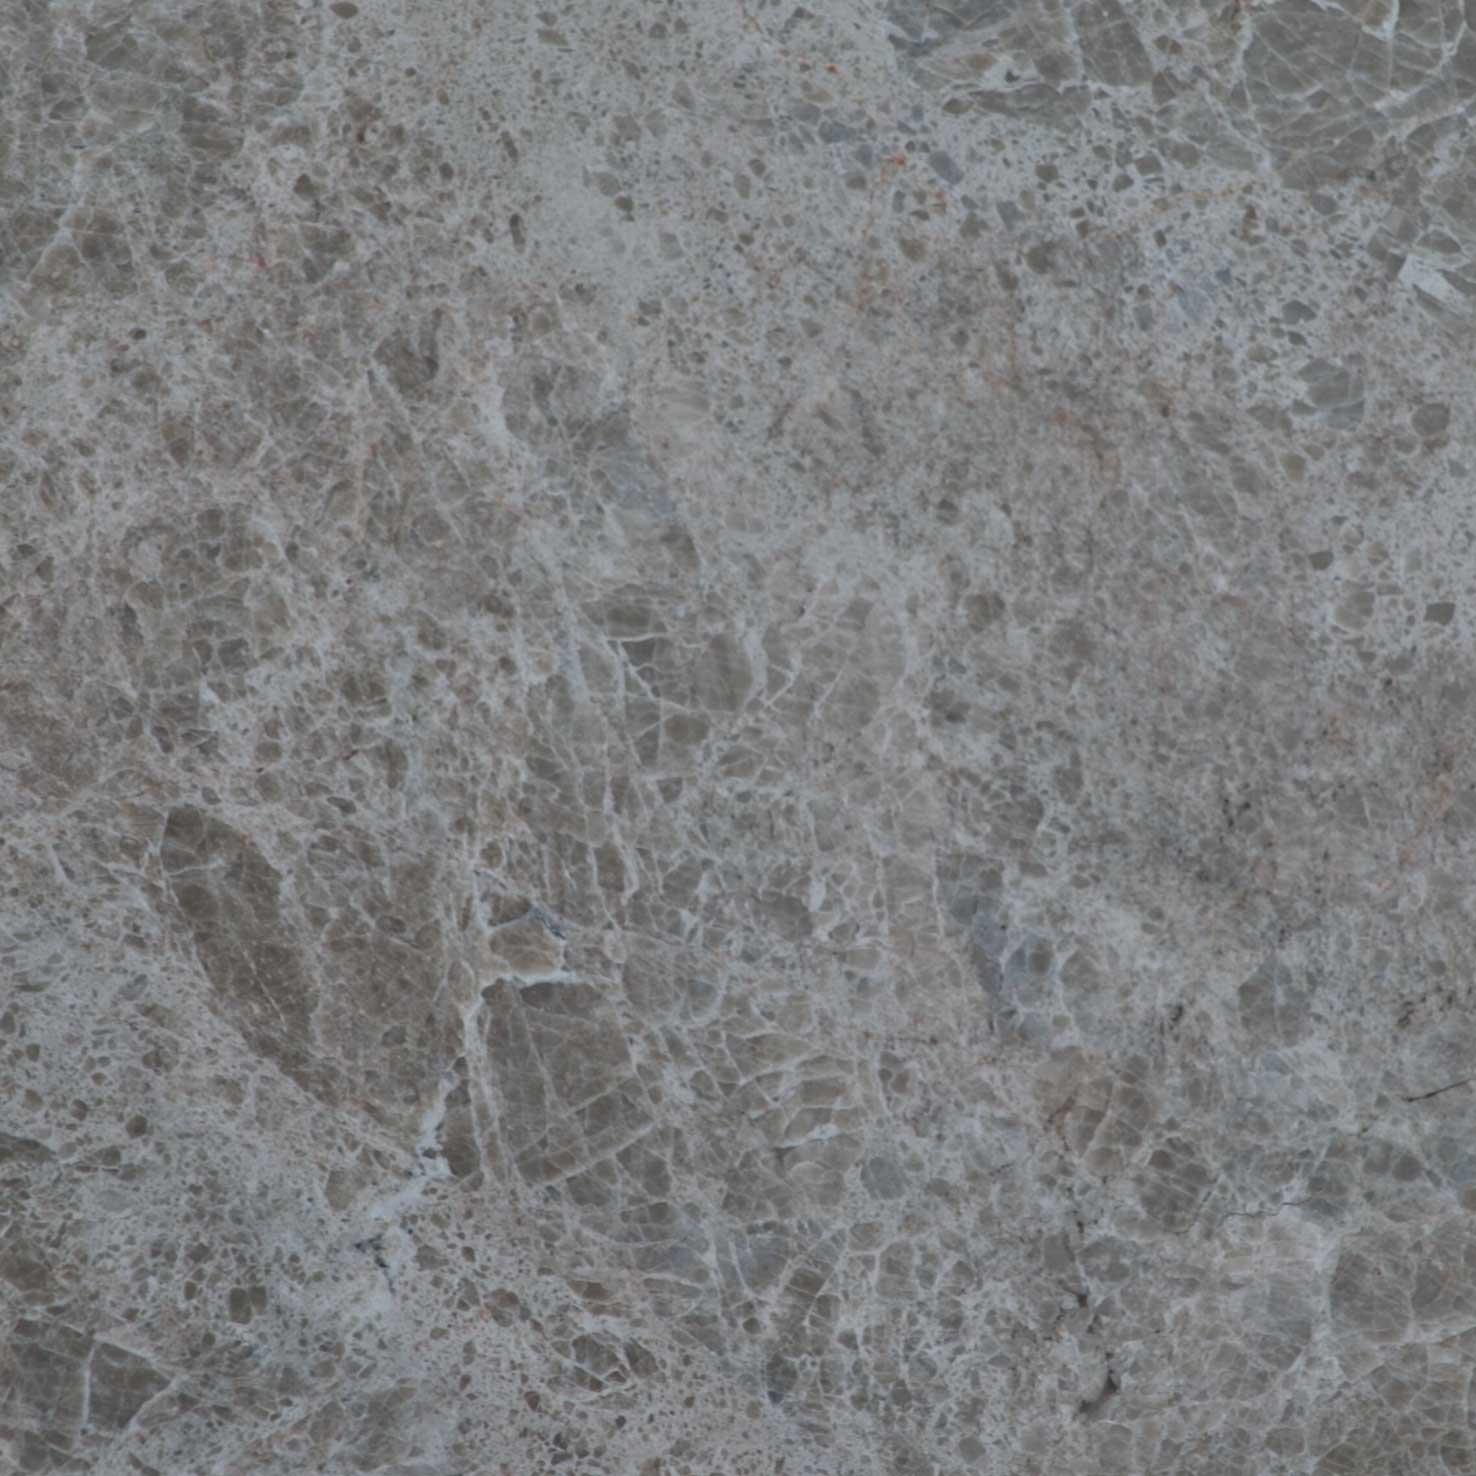 Crema perlado marmoles venezianos for Marmol definicion